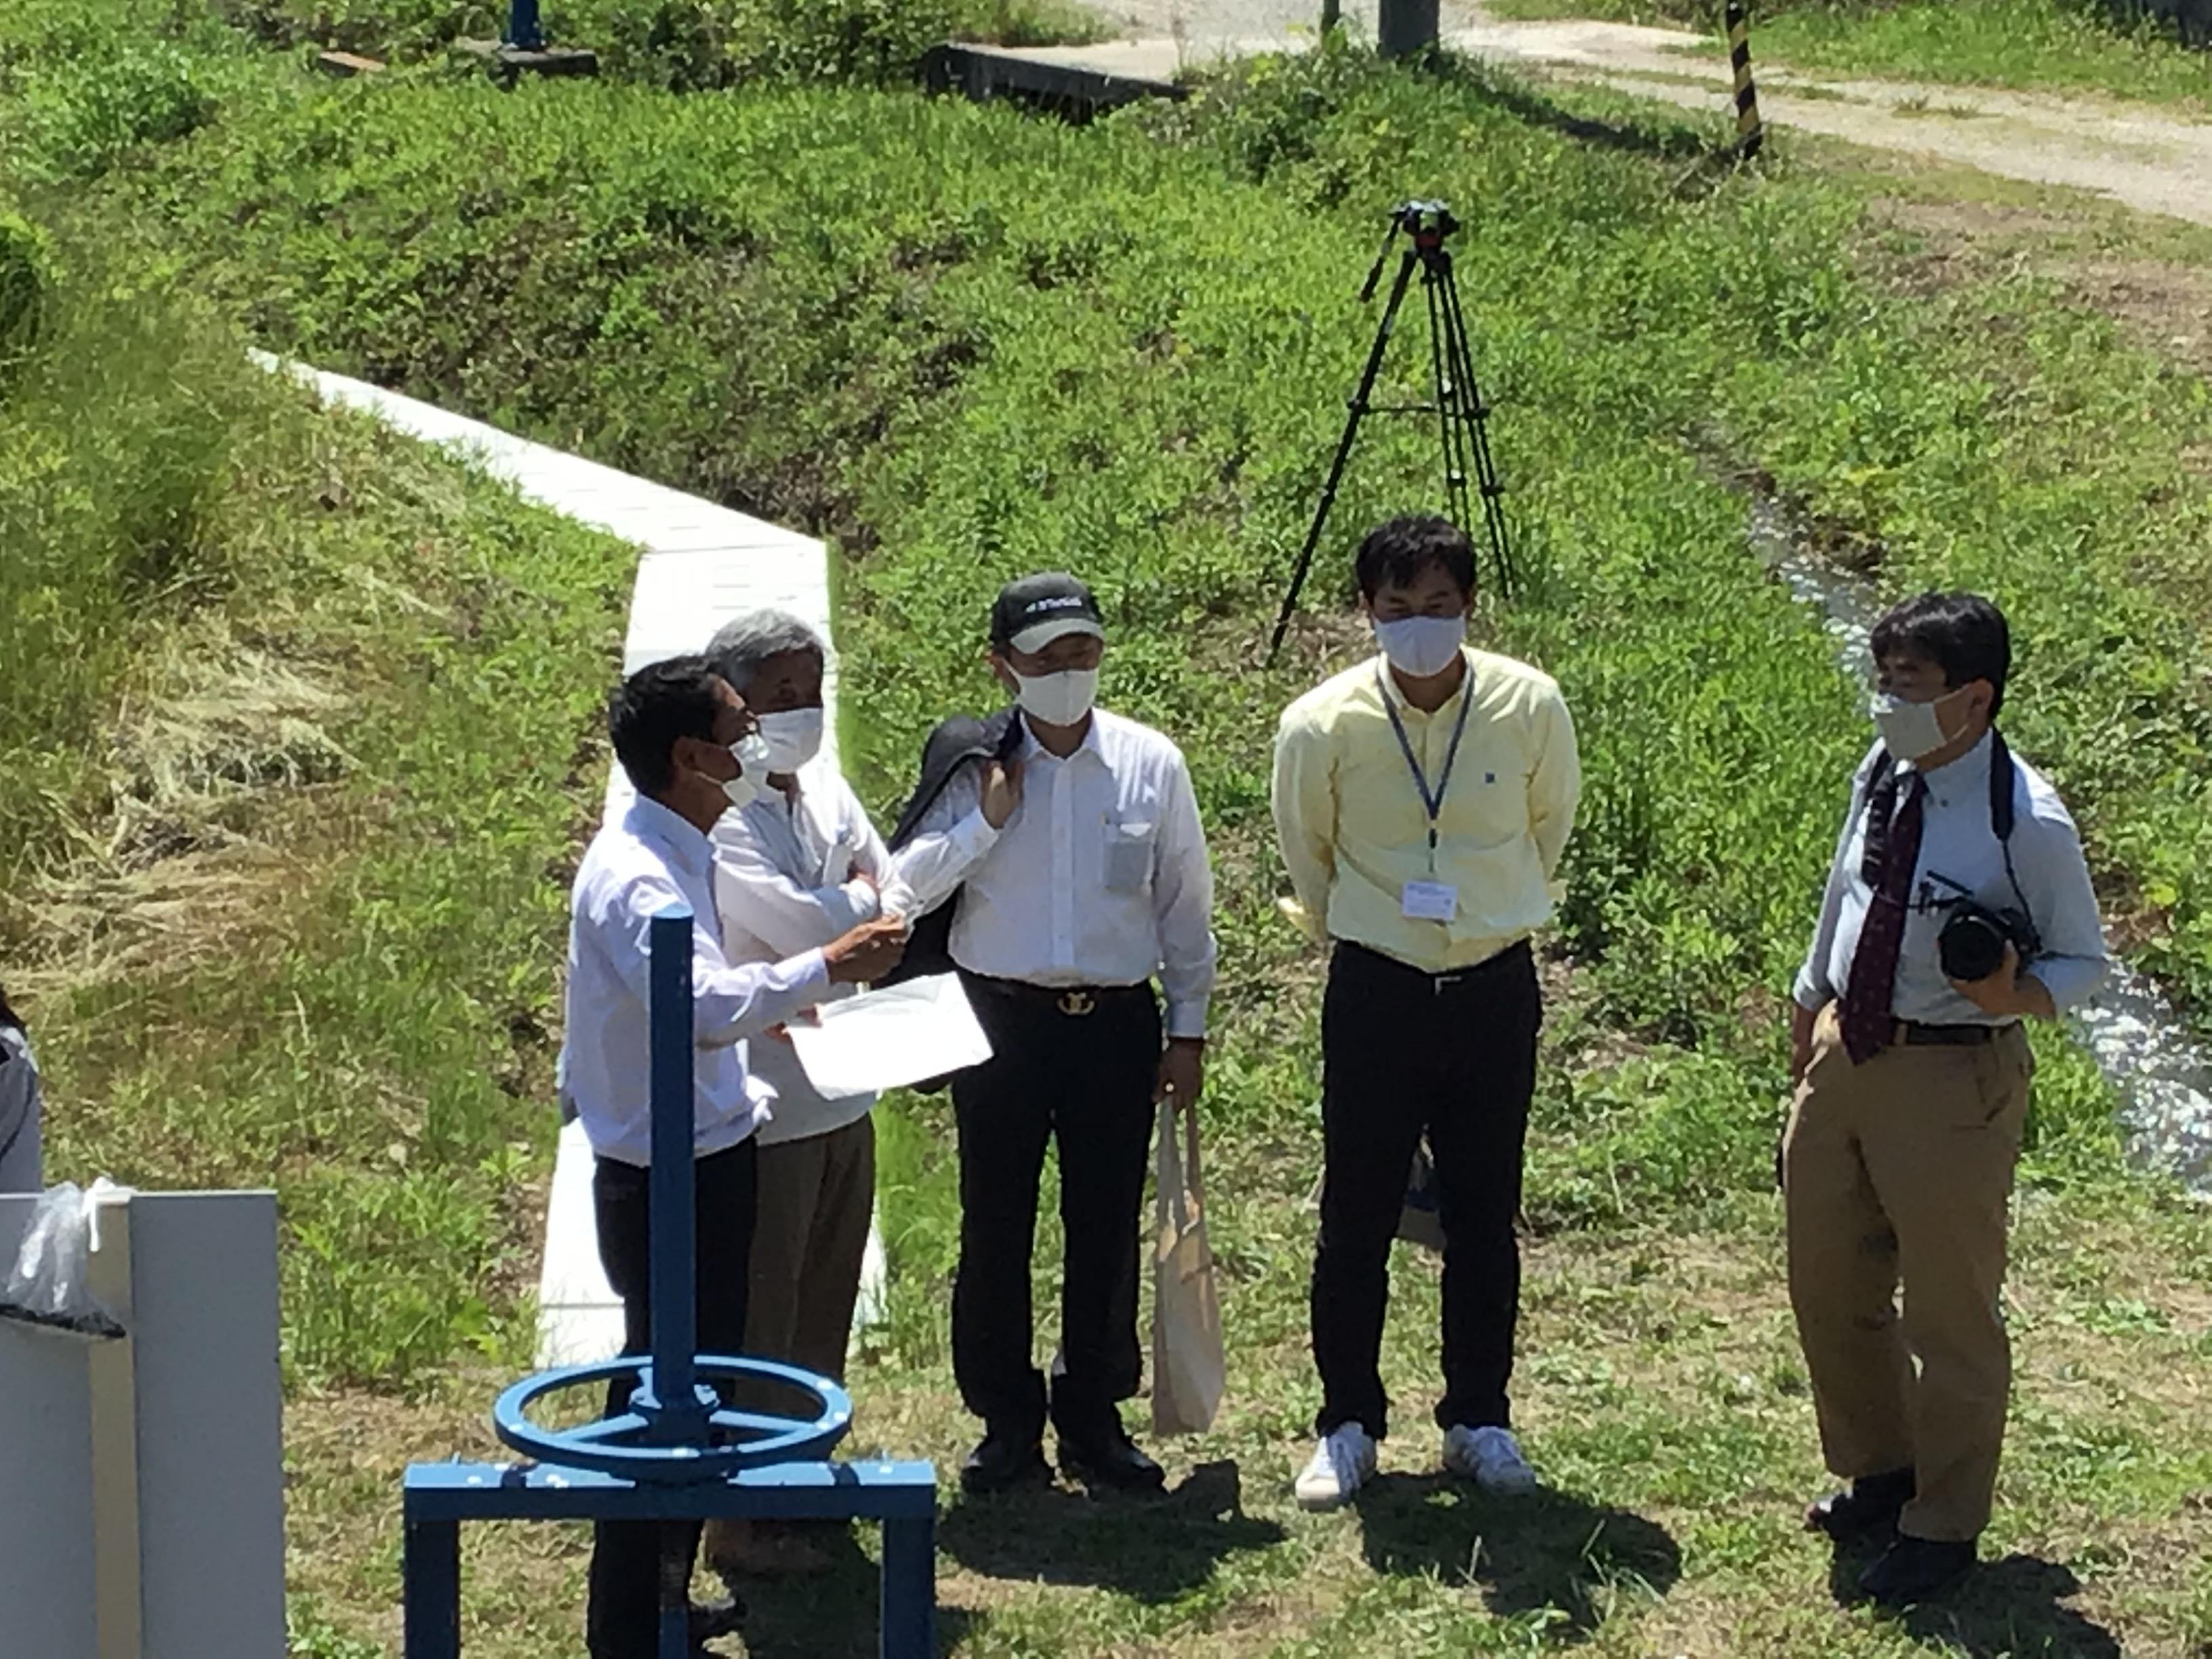 左から二人目の原地域づくり協議会の北本代表から大池の説明を受ける東播磨県民局の小川局長(中央)と水辺地域づくり担当の長谷坂班長(右から二人目)